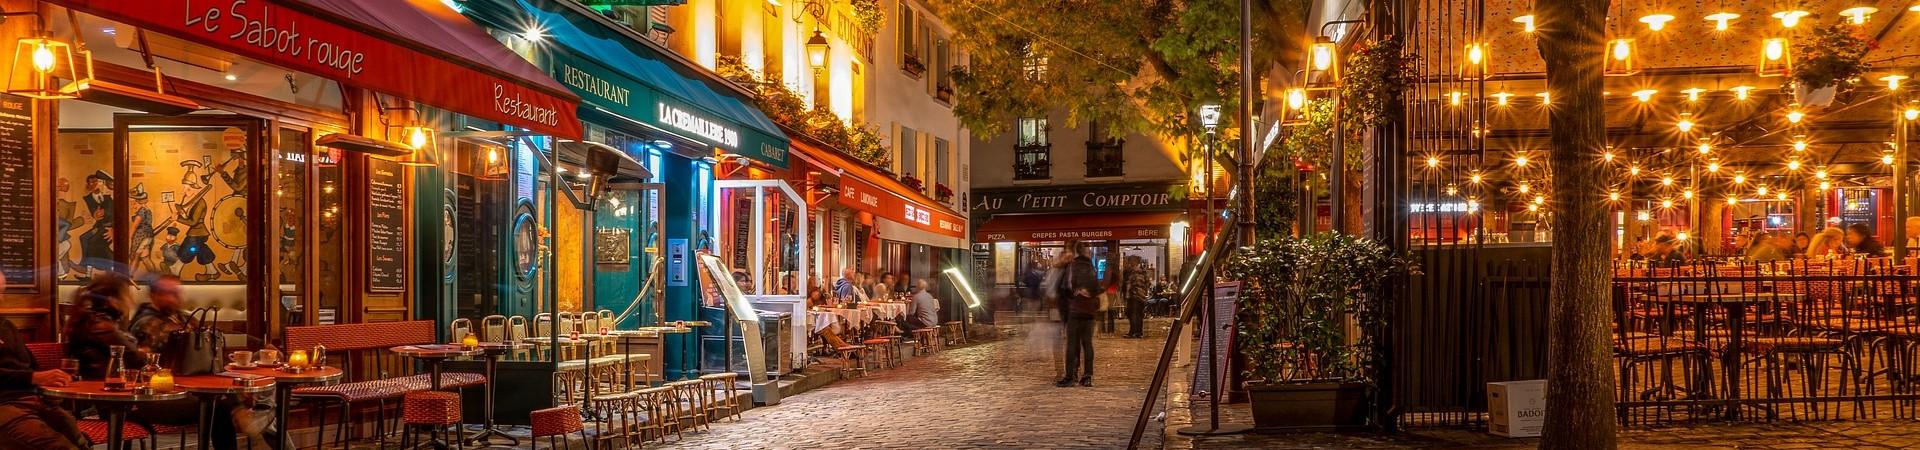 Straat met restaurants in Parijs